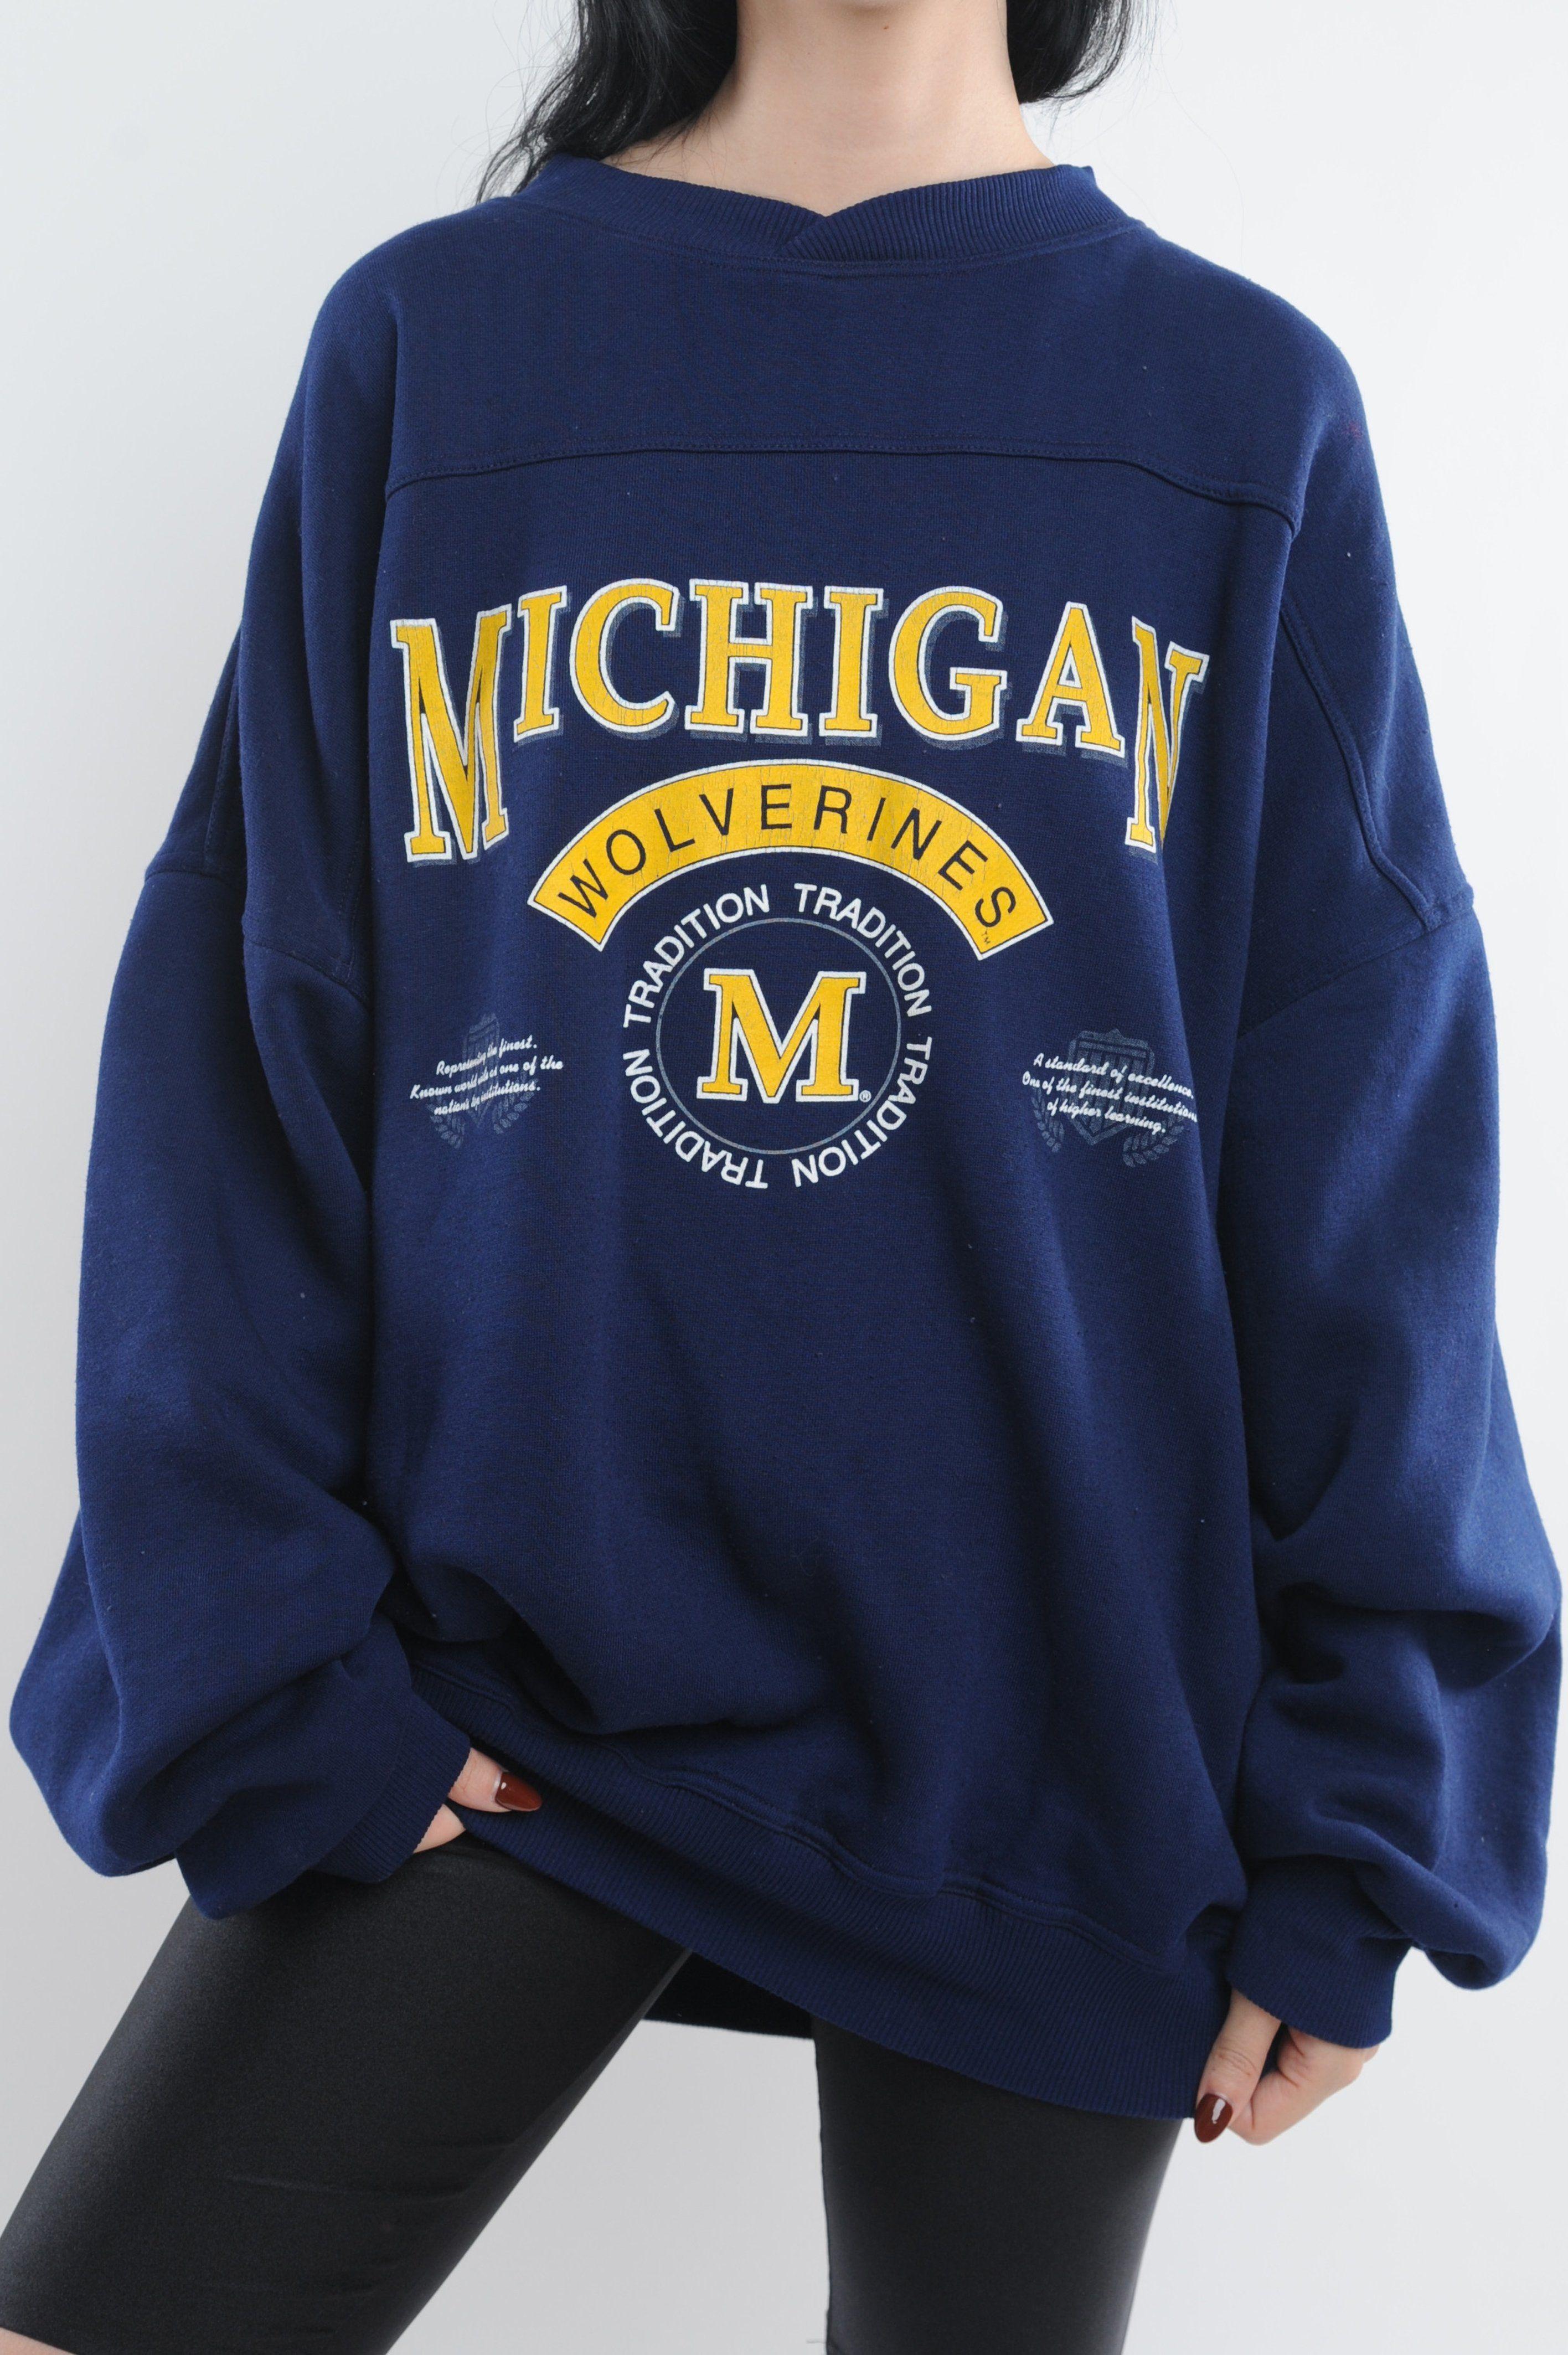 Pin By Kiera Stevenson On I Like Michigan Sweatshirt University Of Michigan Sweatshirt Sweatshirts [ 4253 x 2832 Pixel ]